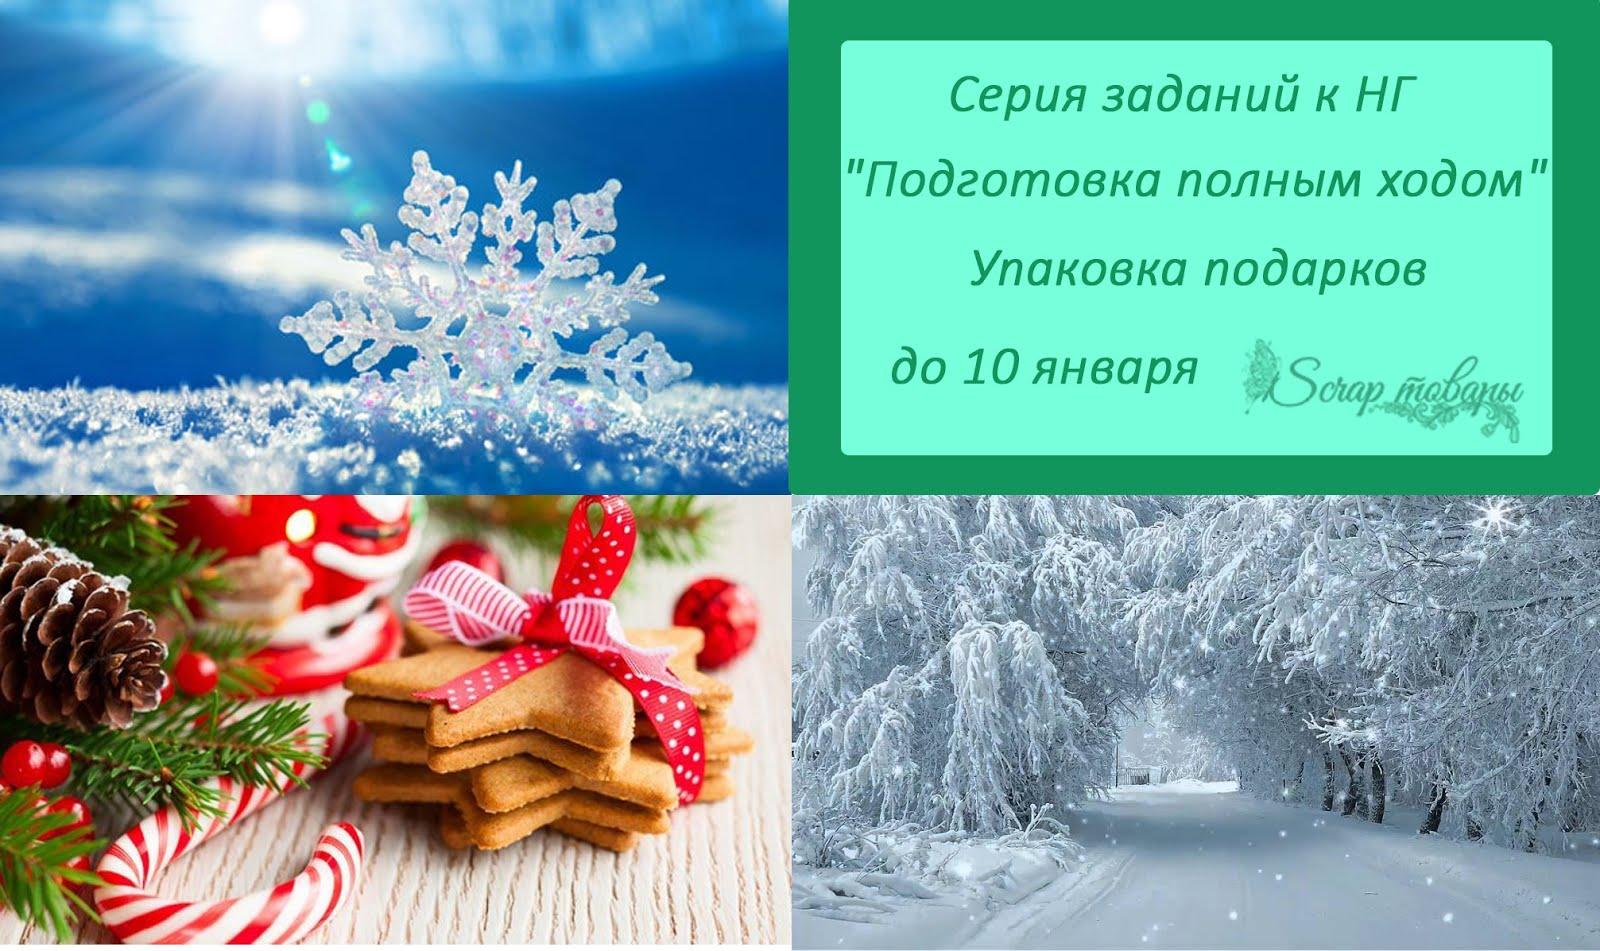 """Серия заданий """"Подготовка полным ходом!"""" - """" Упаковка подарков"""""""